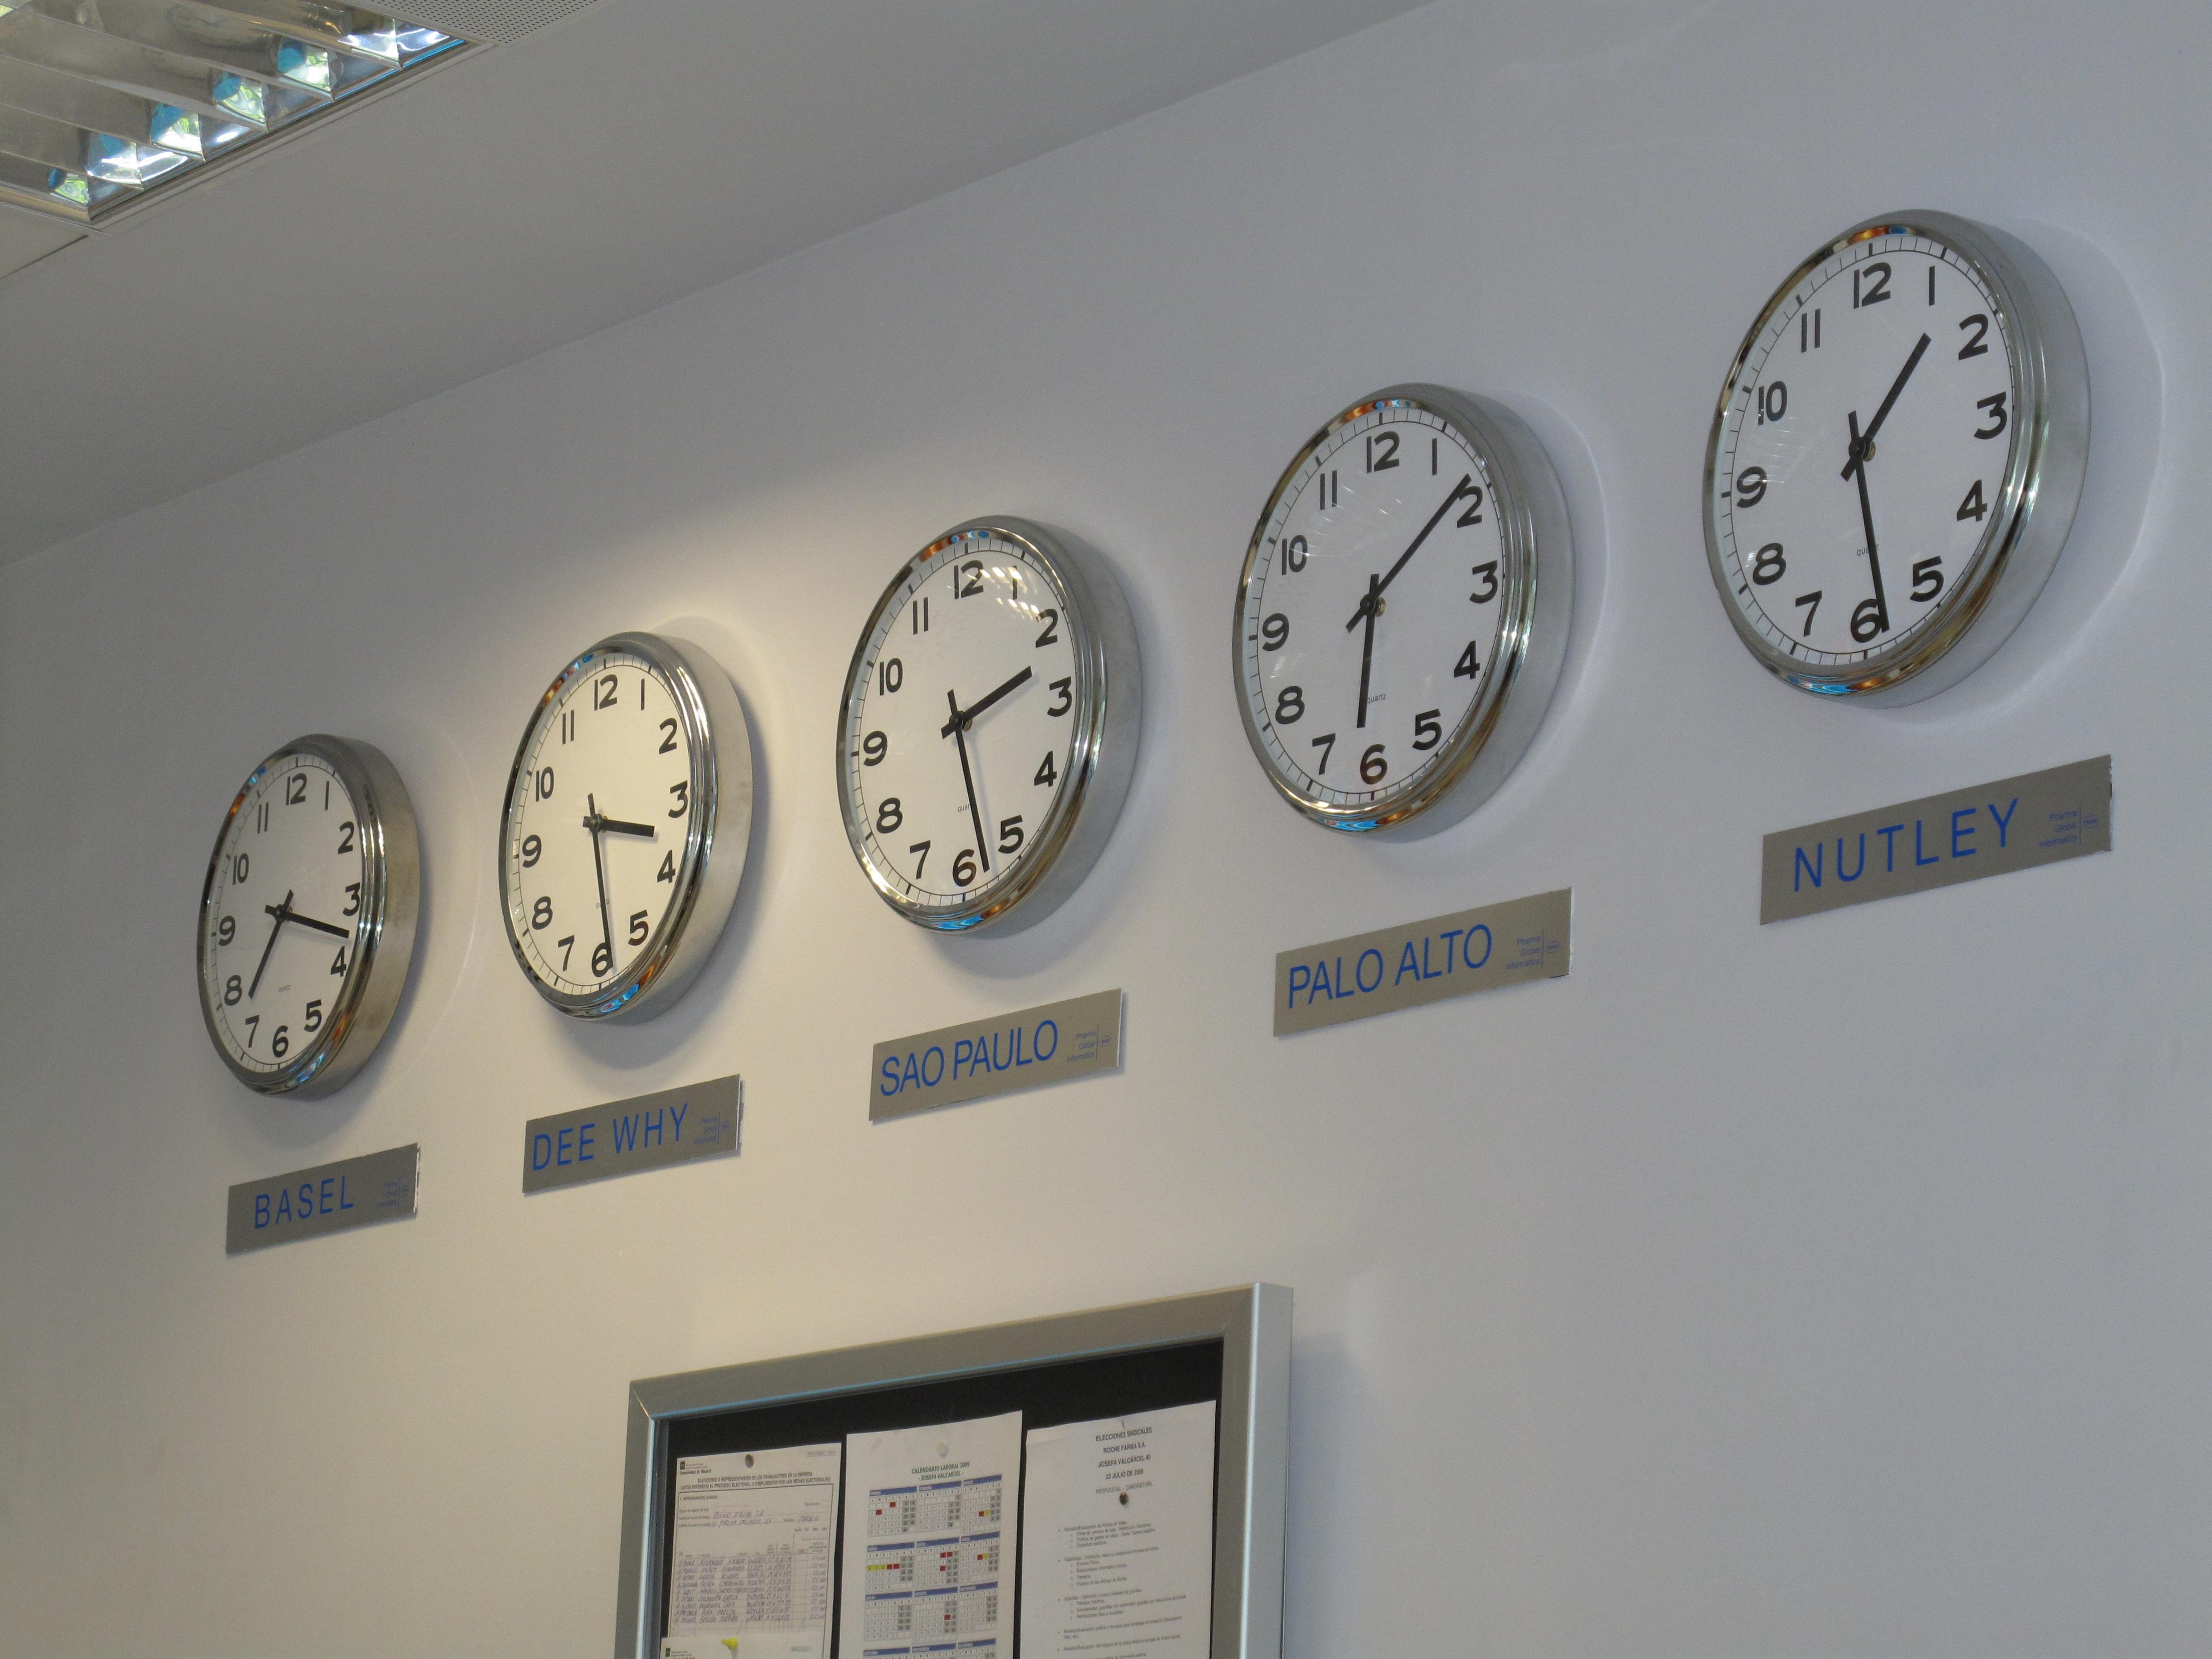 Images Gratuites Blanc L Horloge Temps Heure Entreprise Monde Marque Conception Forme Global Fuseaux Horaires Fuseau Horaire 4416x3312 1285395 Banque D Image Gratuite Pxhere